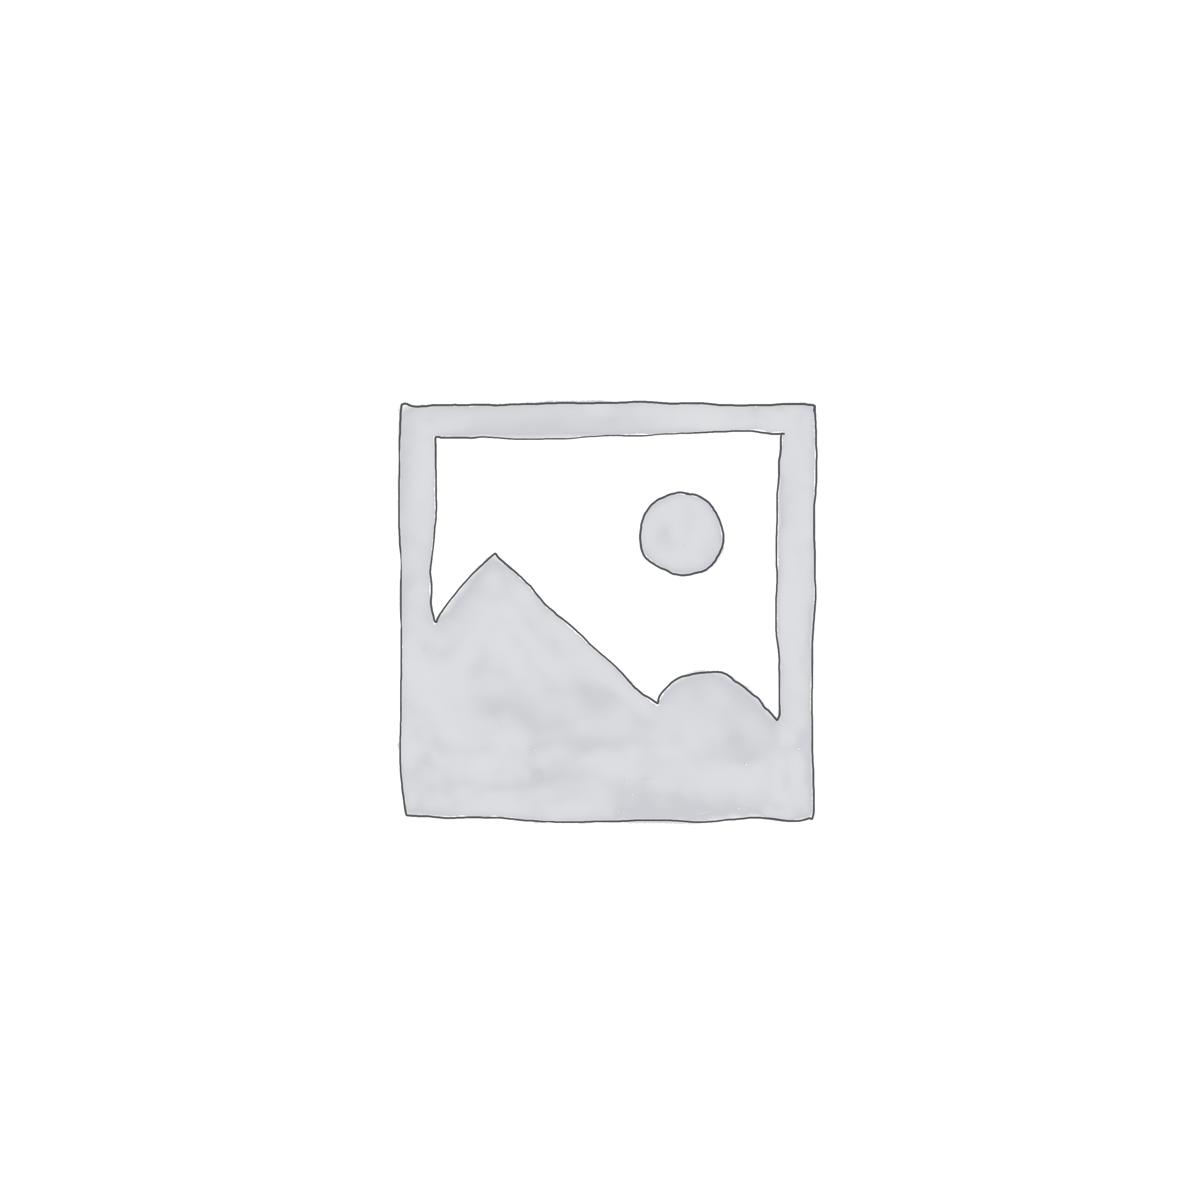 AWGC Angebot - Mercedes Turnierflotte